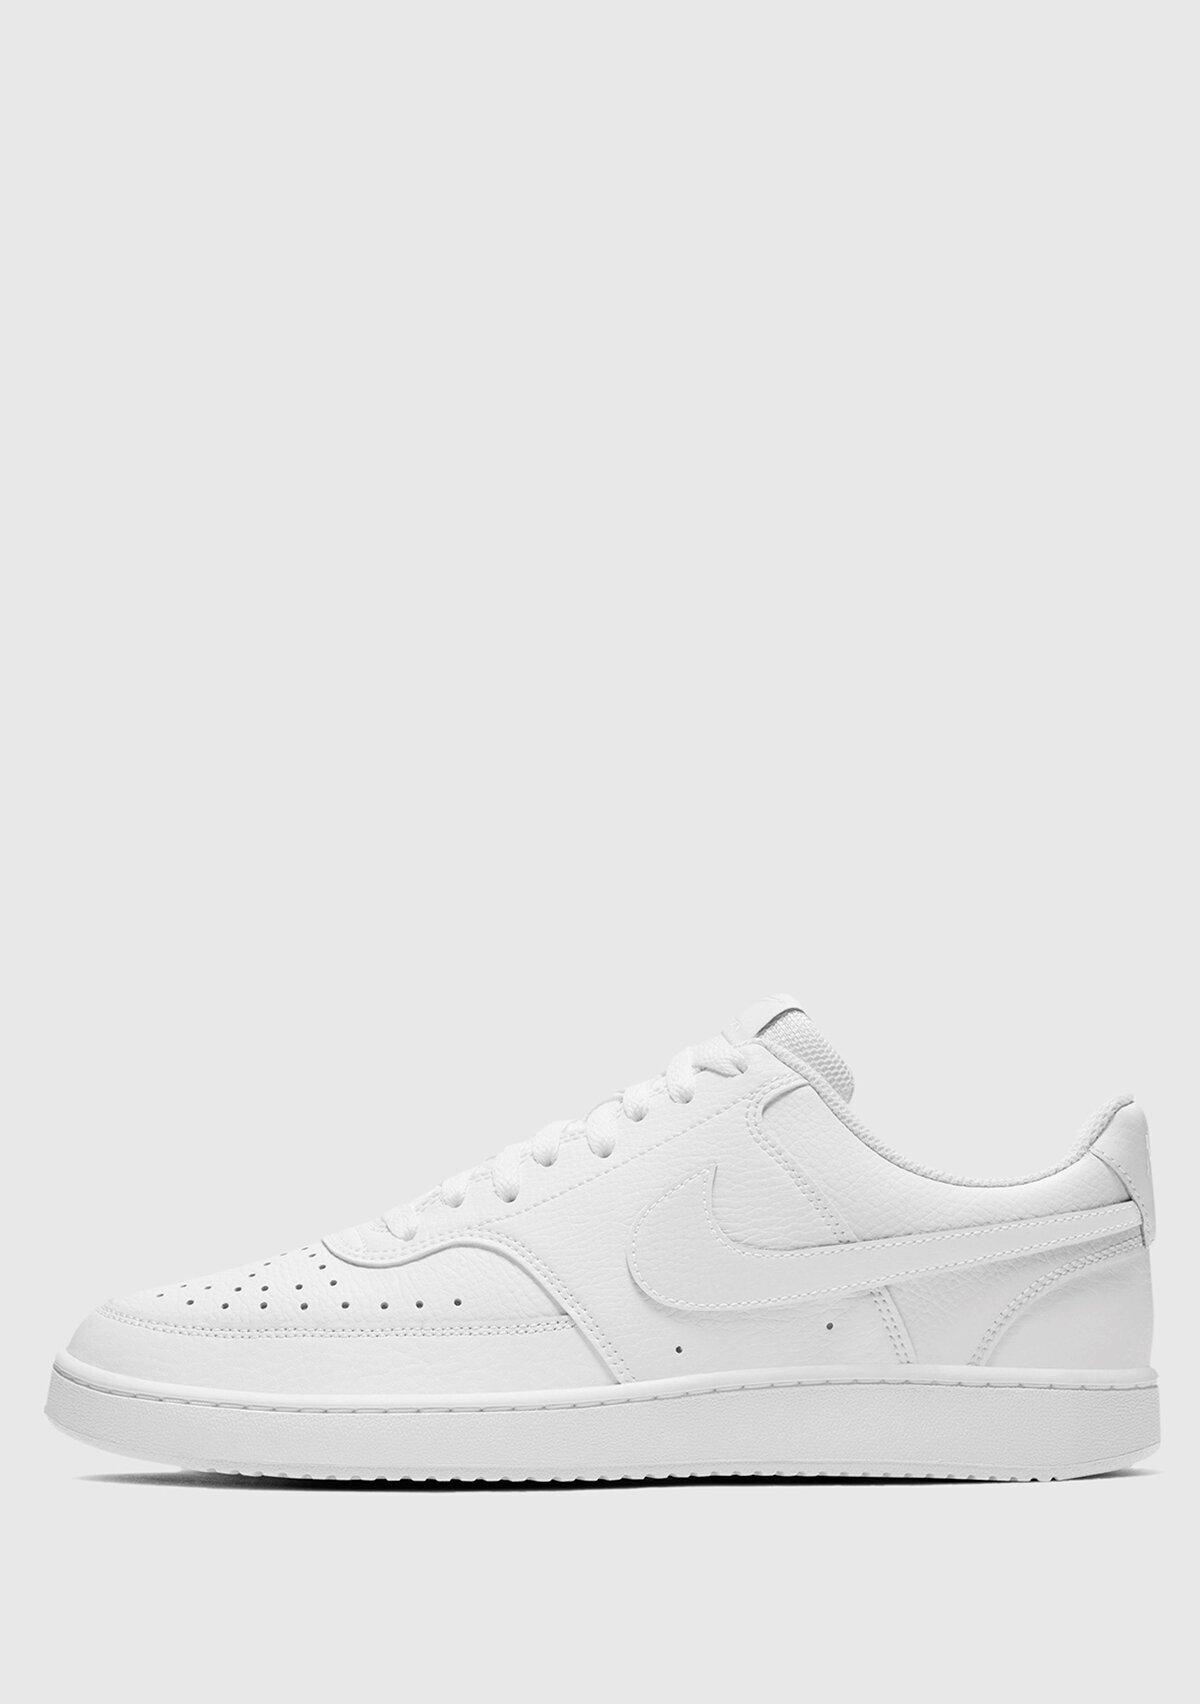 resm Court Vision Lo Beyaz Erkek Sneaker Cd5463-100